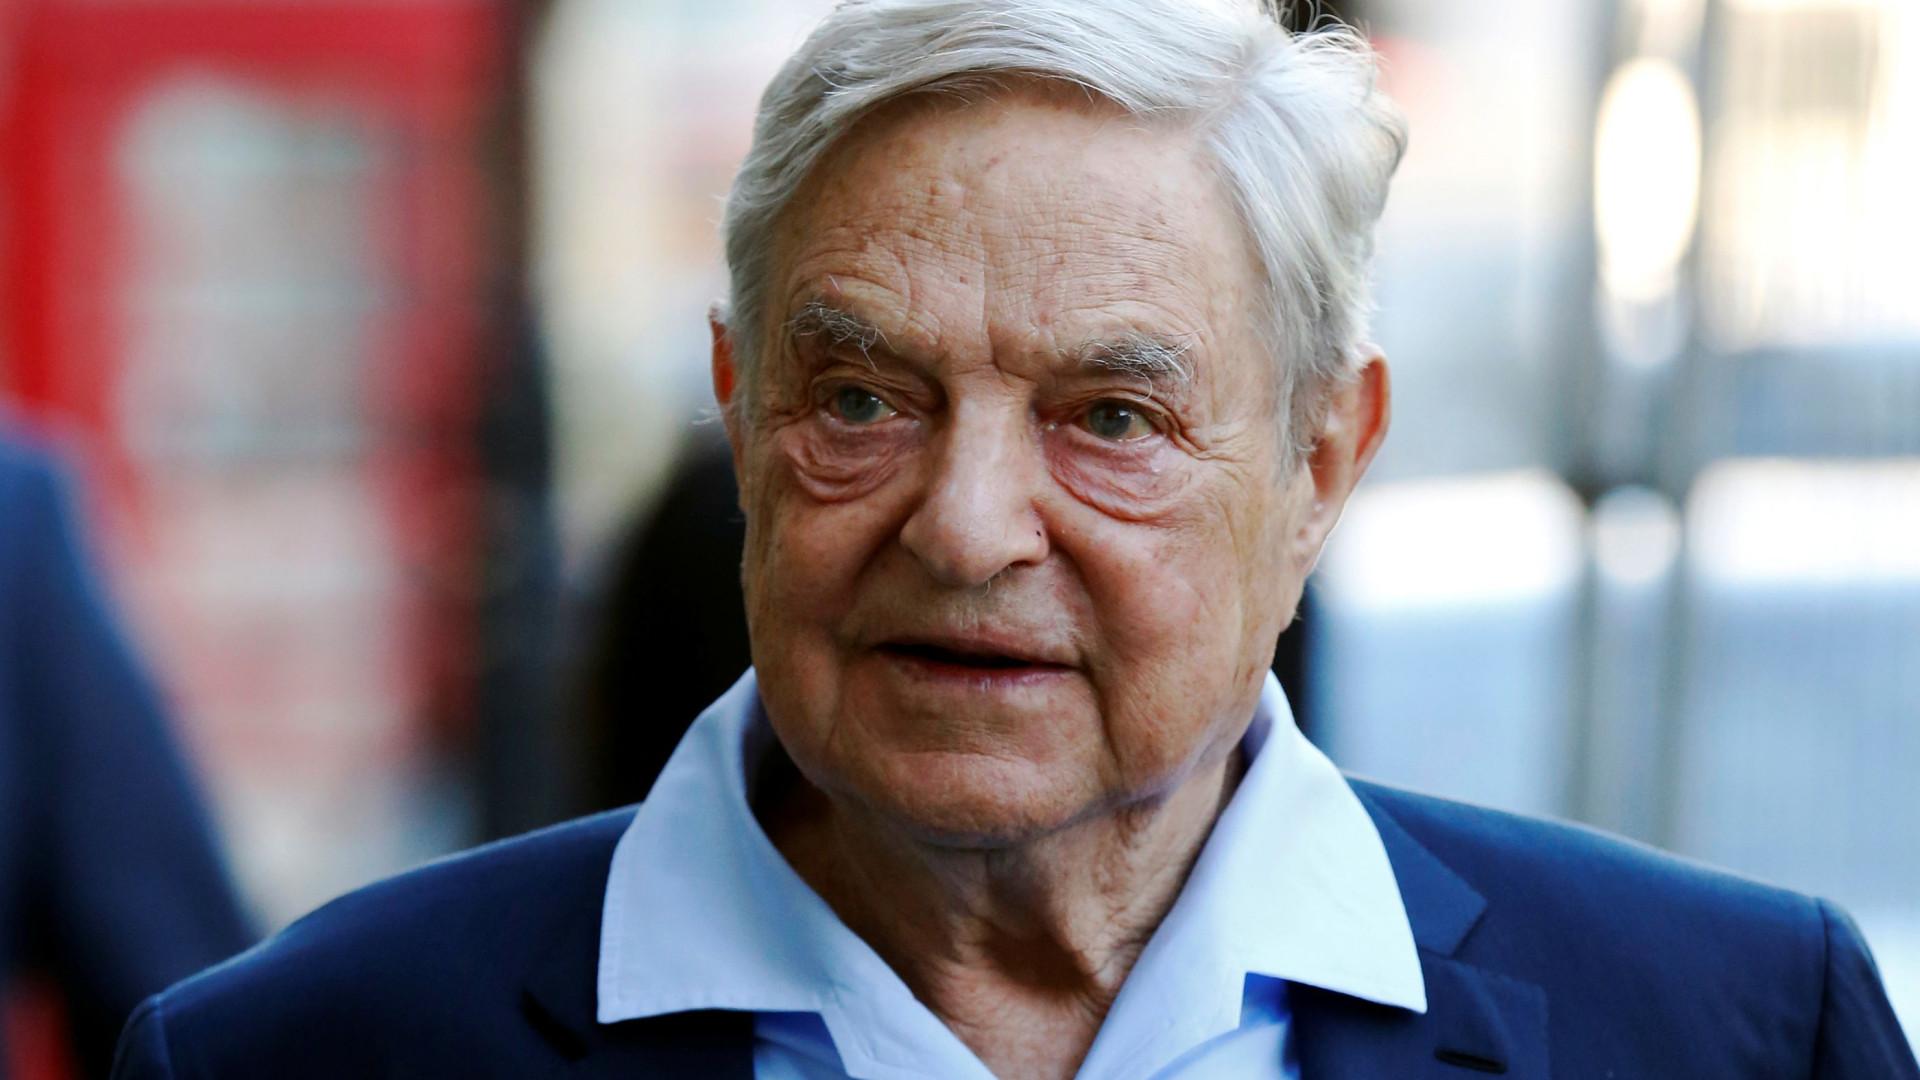 Em livro, Soros defende sociedade aberta contra autocratas e redes sociais